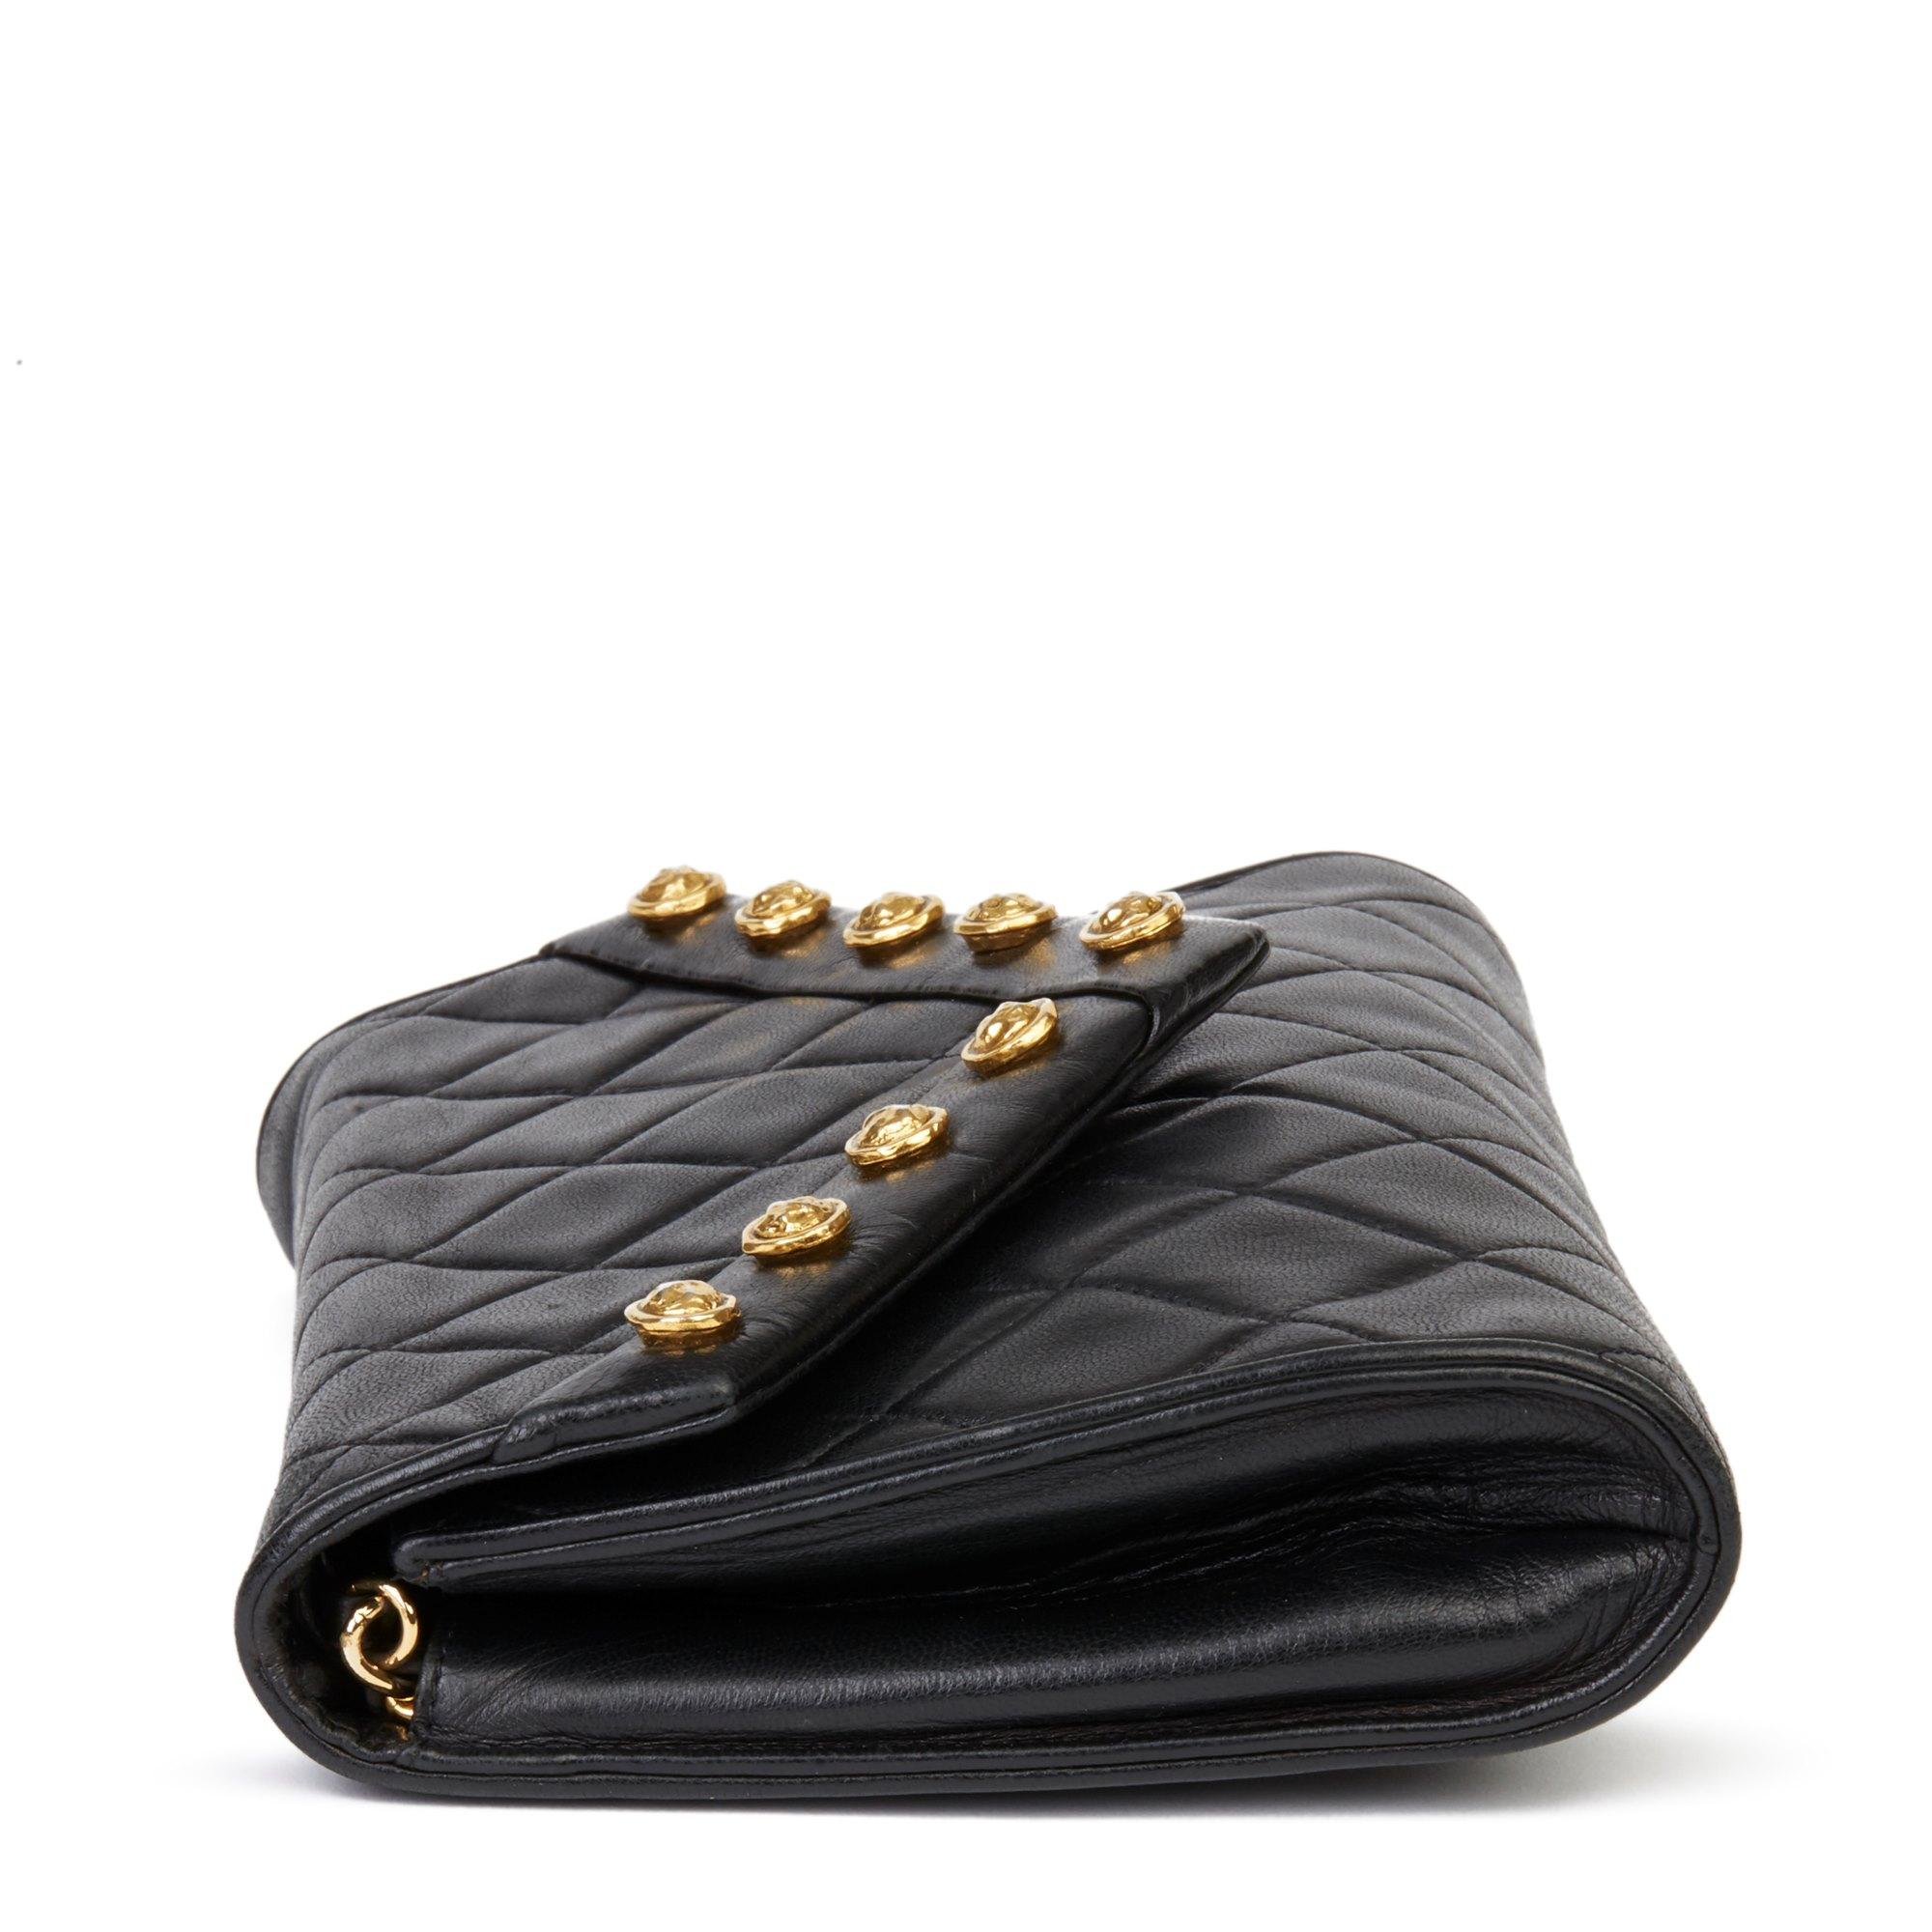 Chanel Black Quilted Lambskin Vintage Studded Envelope Single Flap Bag